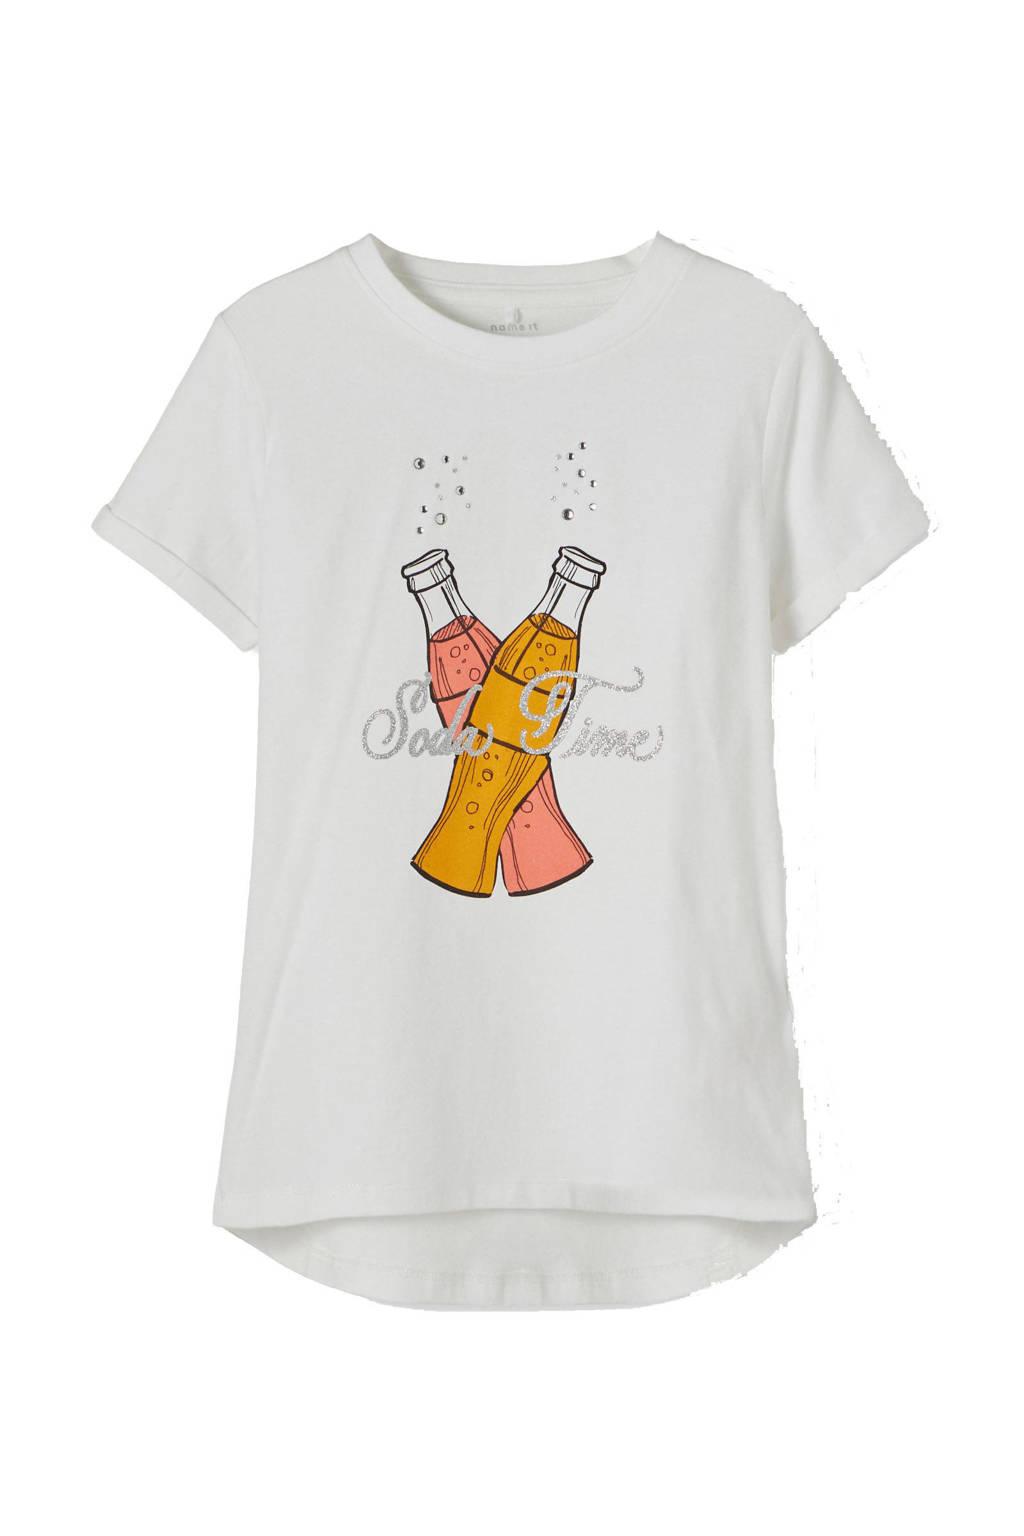 NAME IT KIDS T-shirt Icon met biologisch katoen wit/geel, Wit/geel